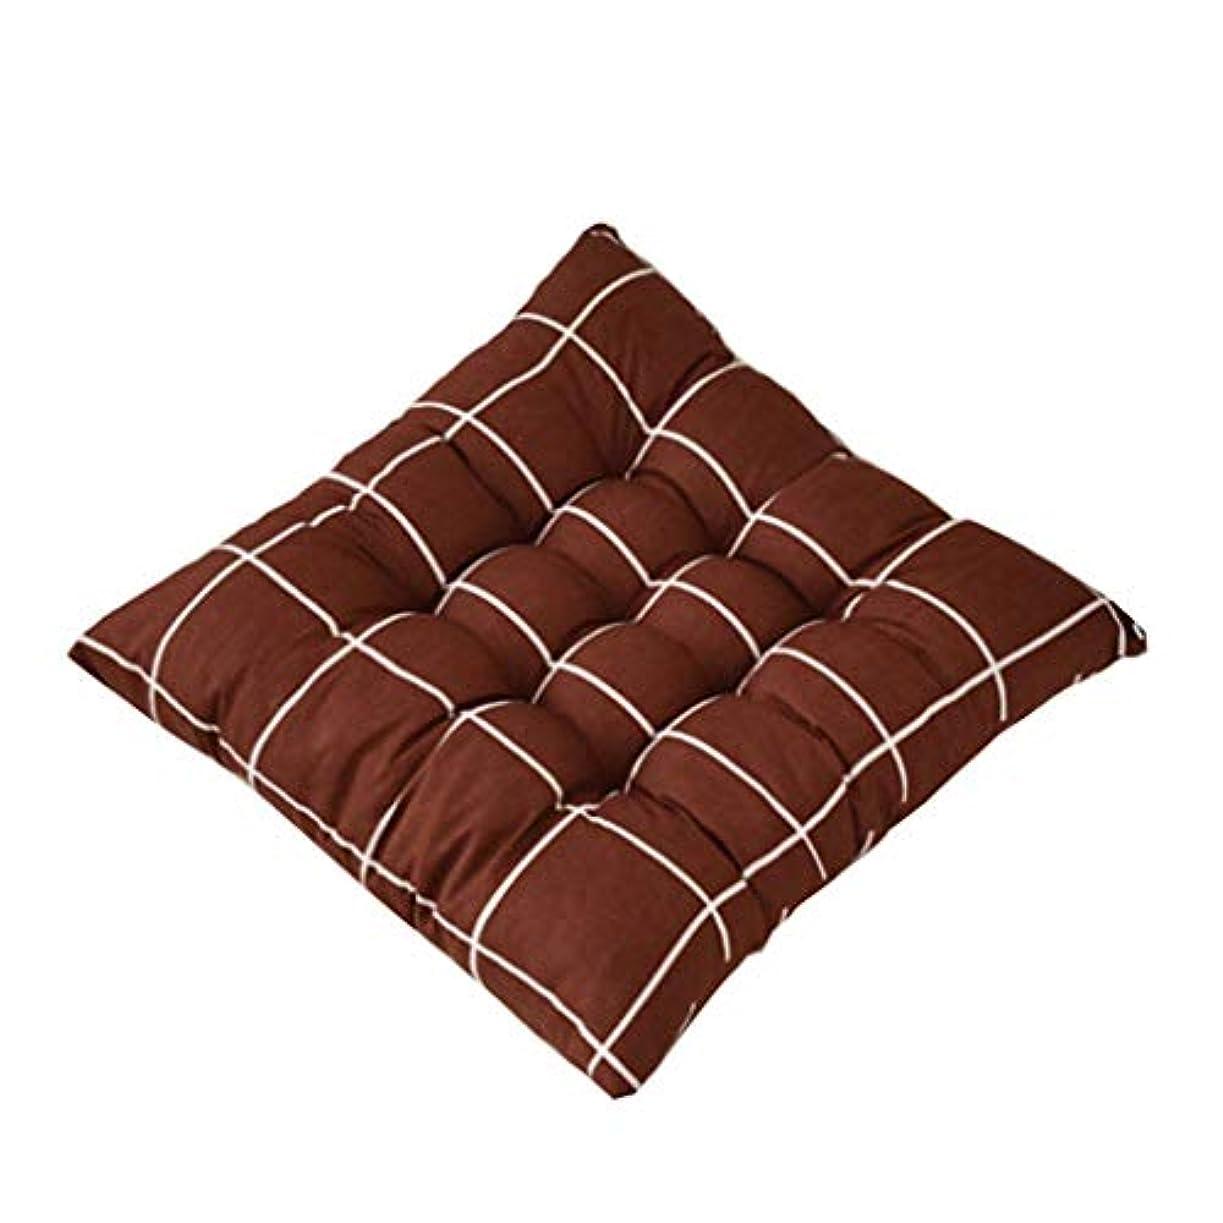 マージン安定した手伝うLIFE 正方形の椅子パッド厚いシートクッションダイニングパティオホームオフィス屋内屋外ガーデンソファ臀部クッション 40 × 40 センチメートル クッション 椅子